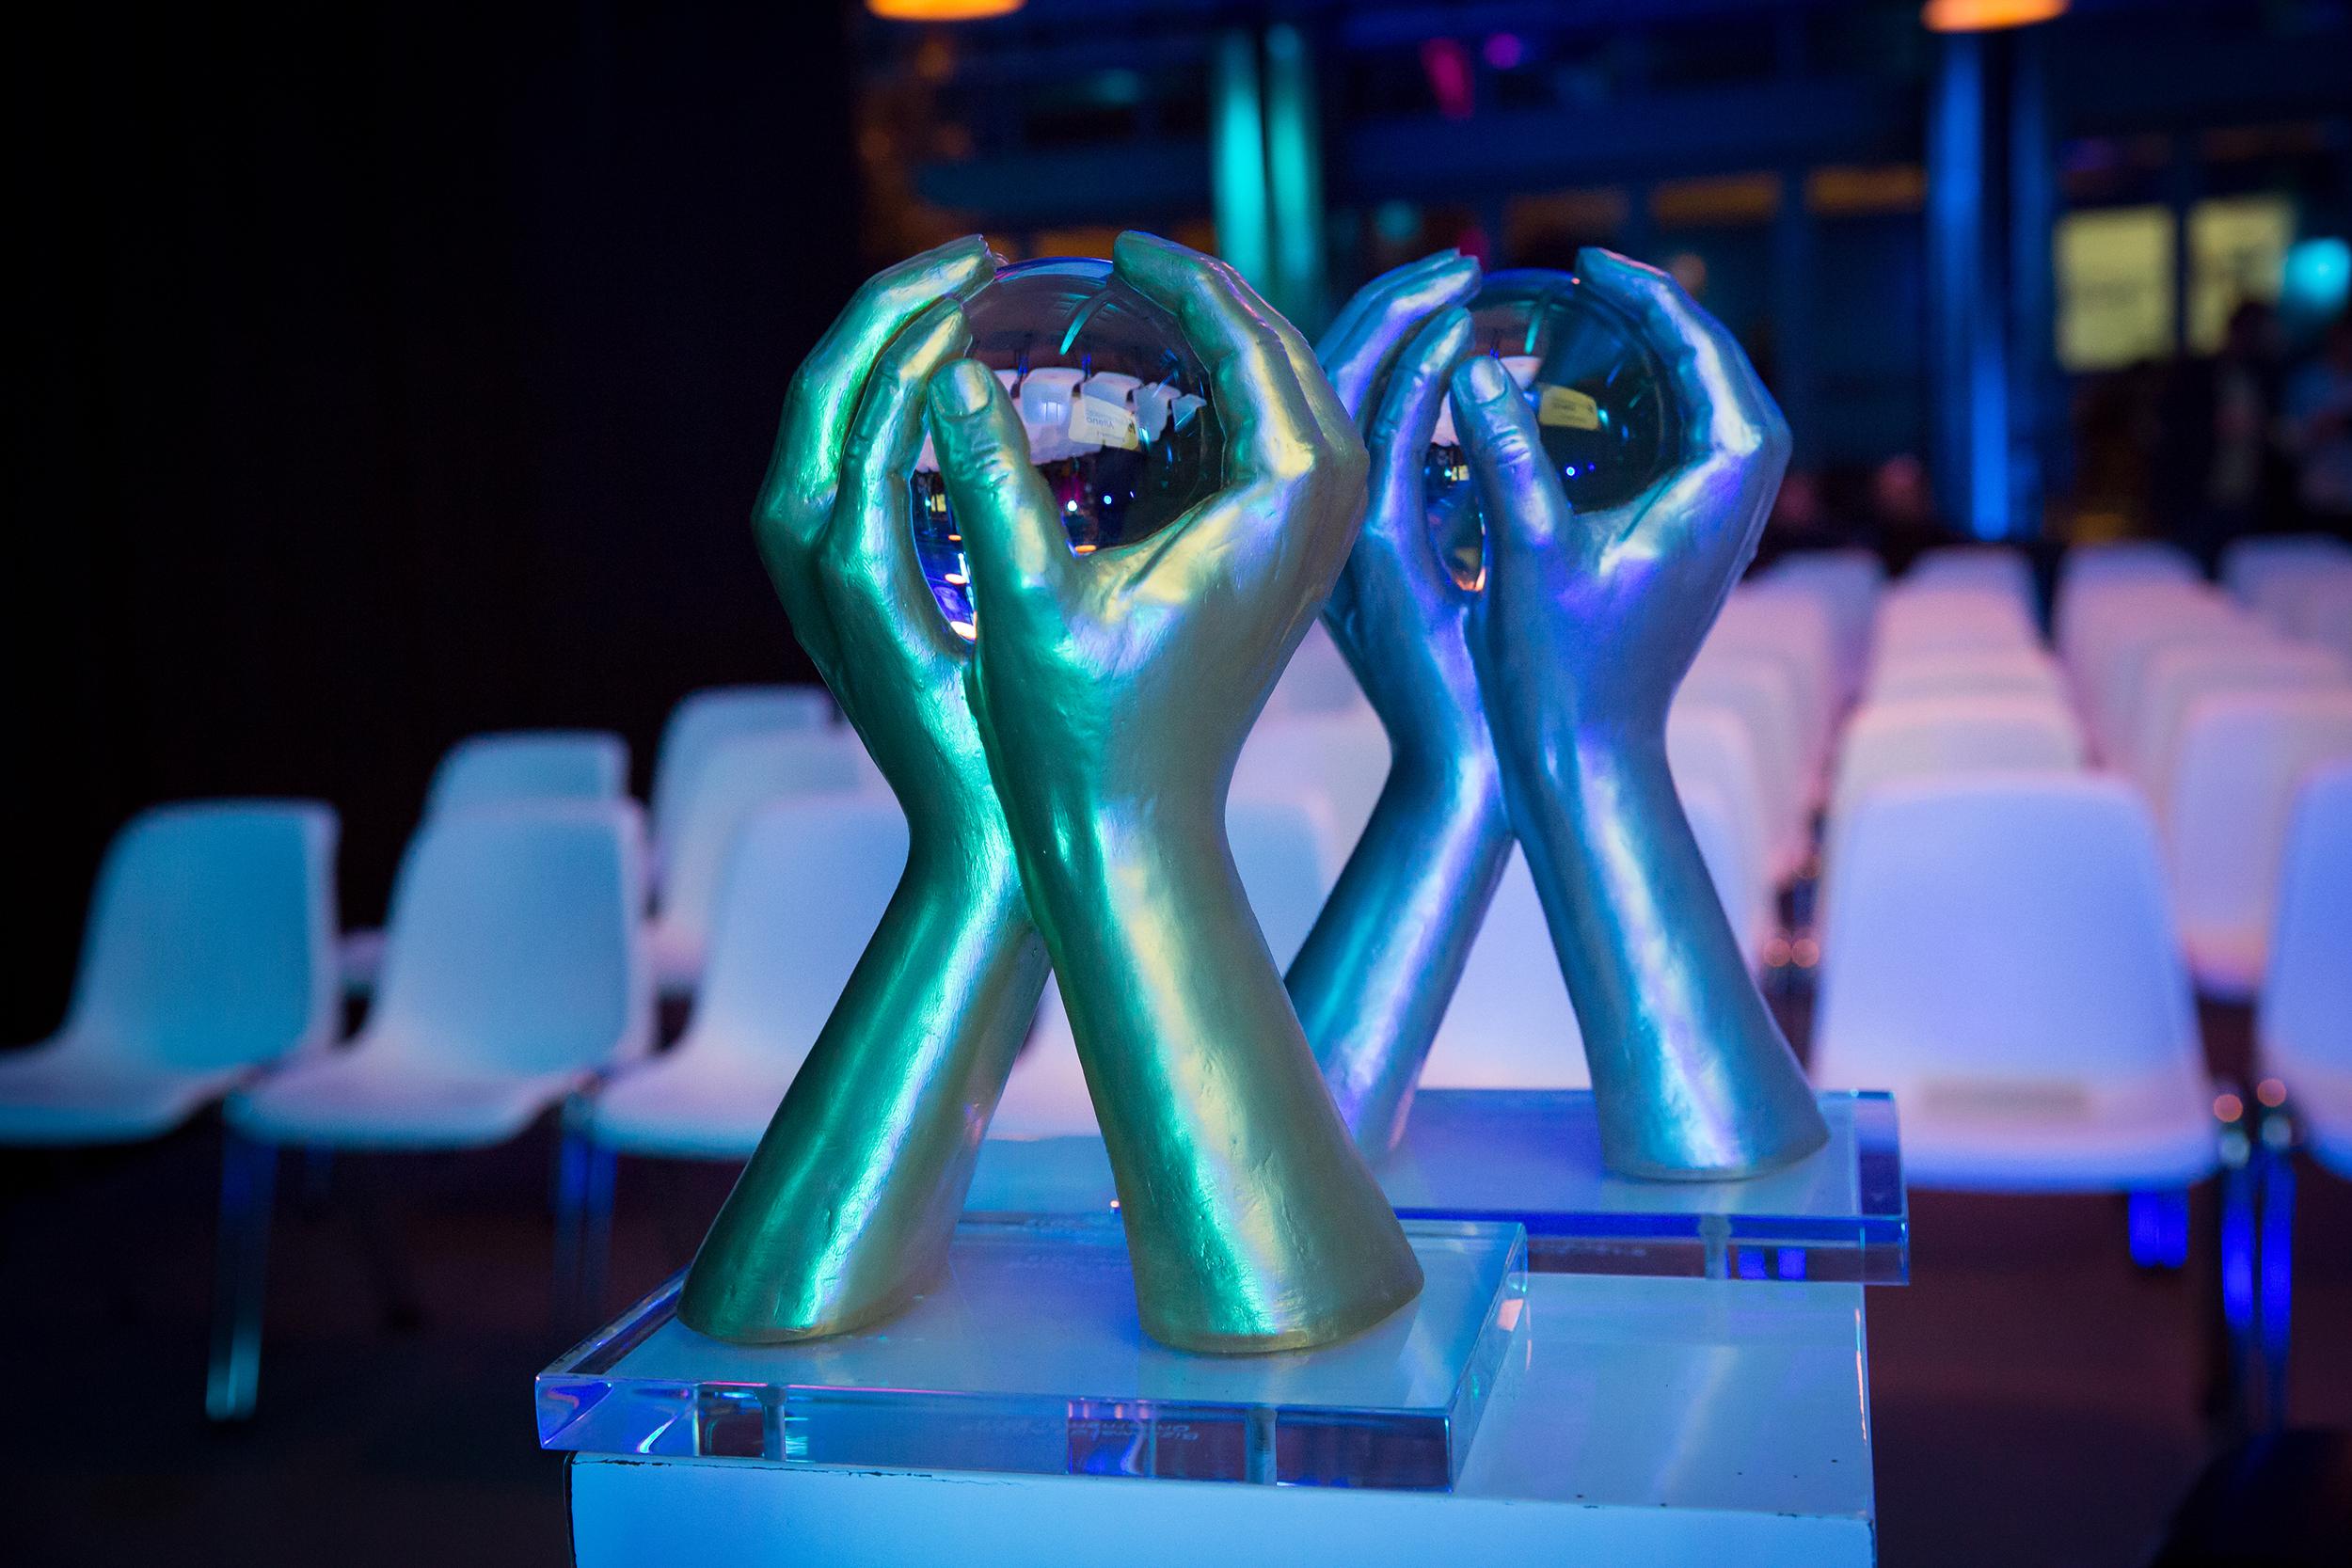 Finalisten 3e editie BizAwards Altena bekend